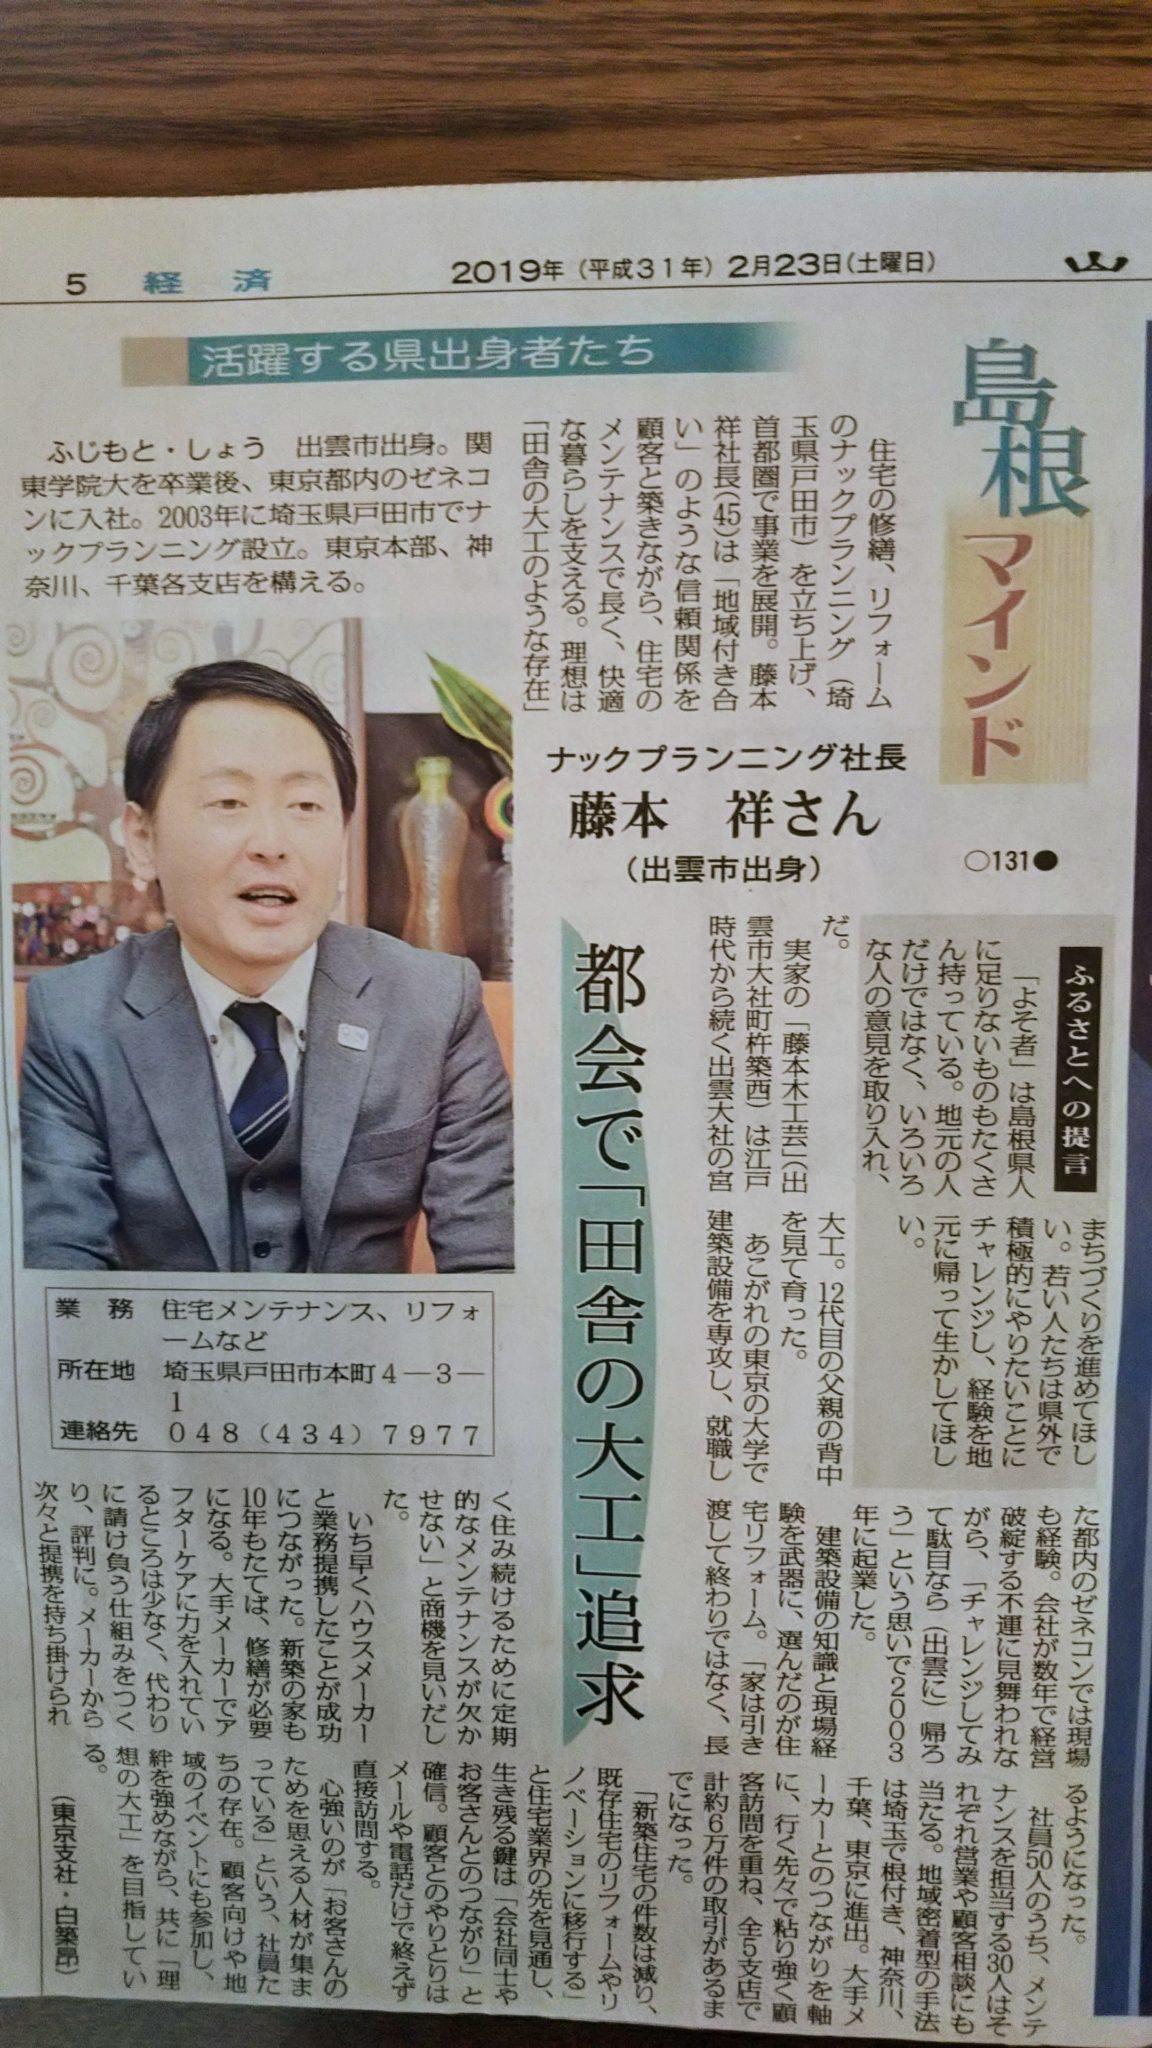 ライン ニュース 山陰 中央 新報